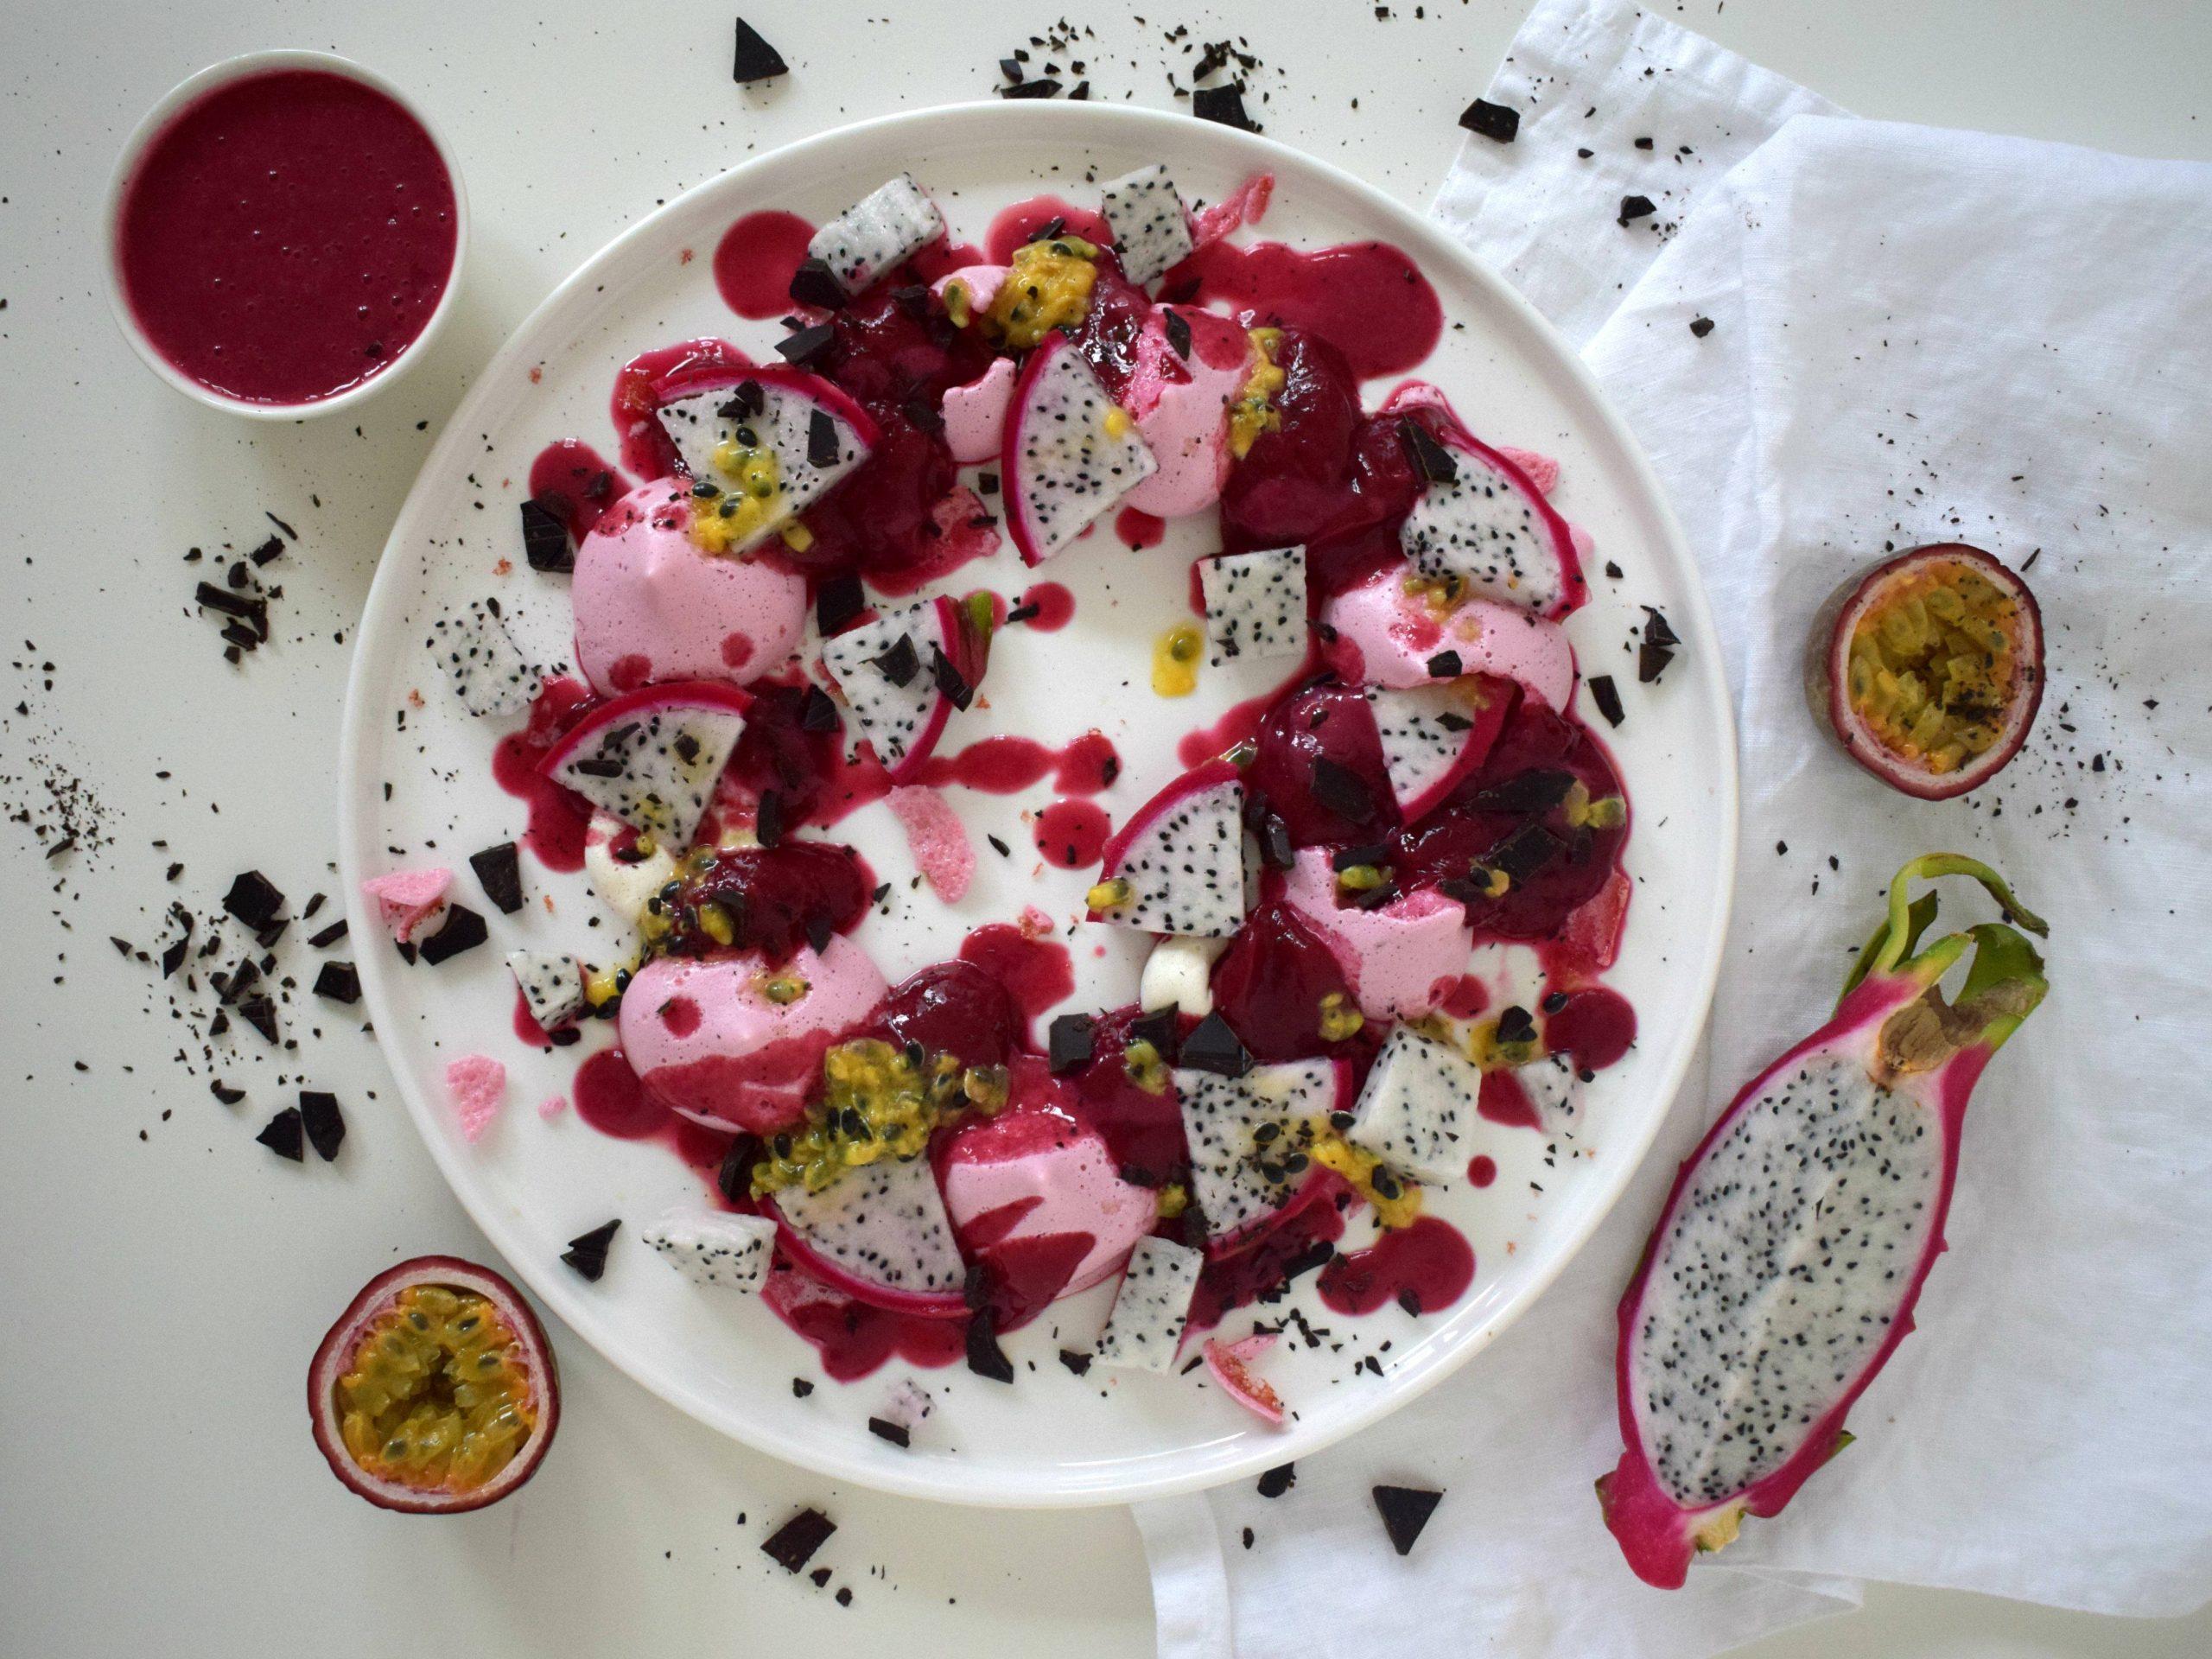 Vegan meringue krans met rood ijs, tropisch fruit en pure chocolade